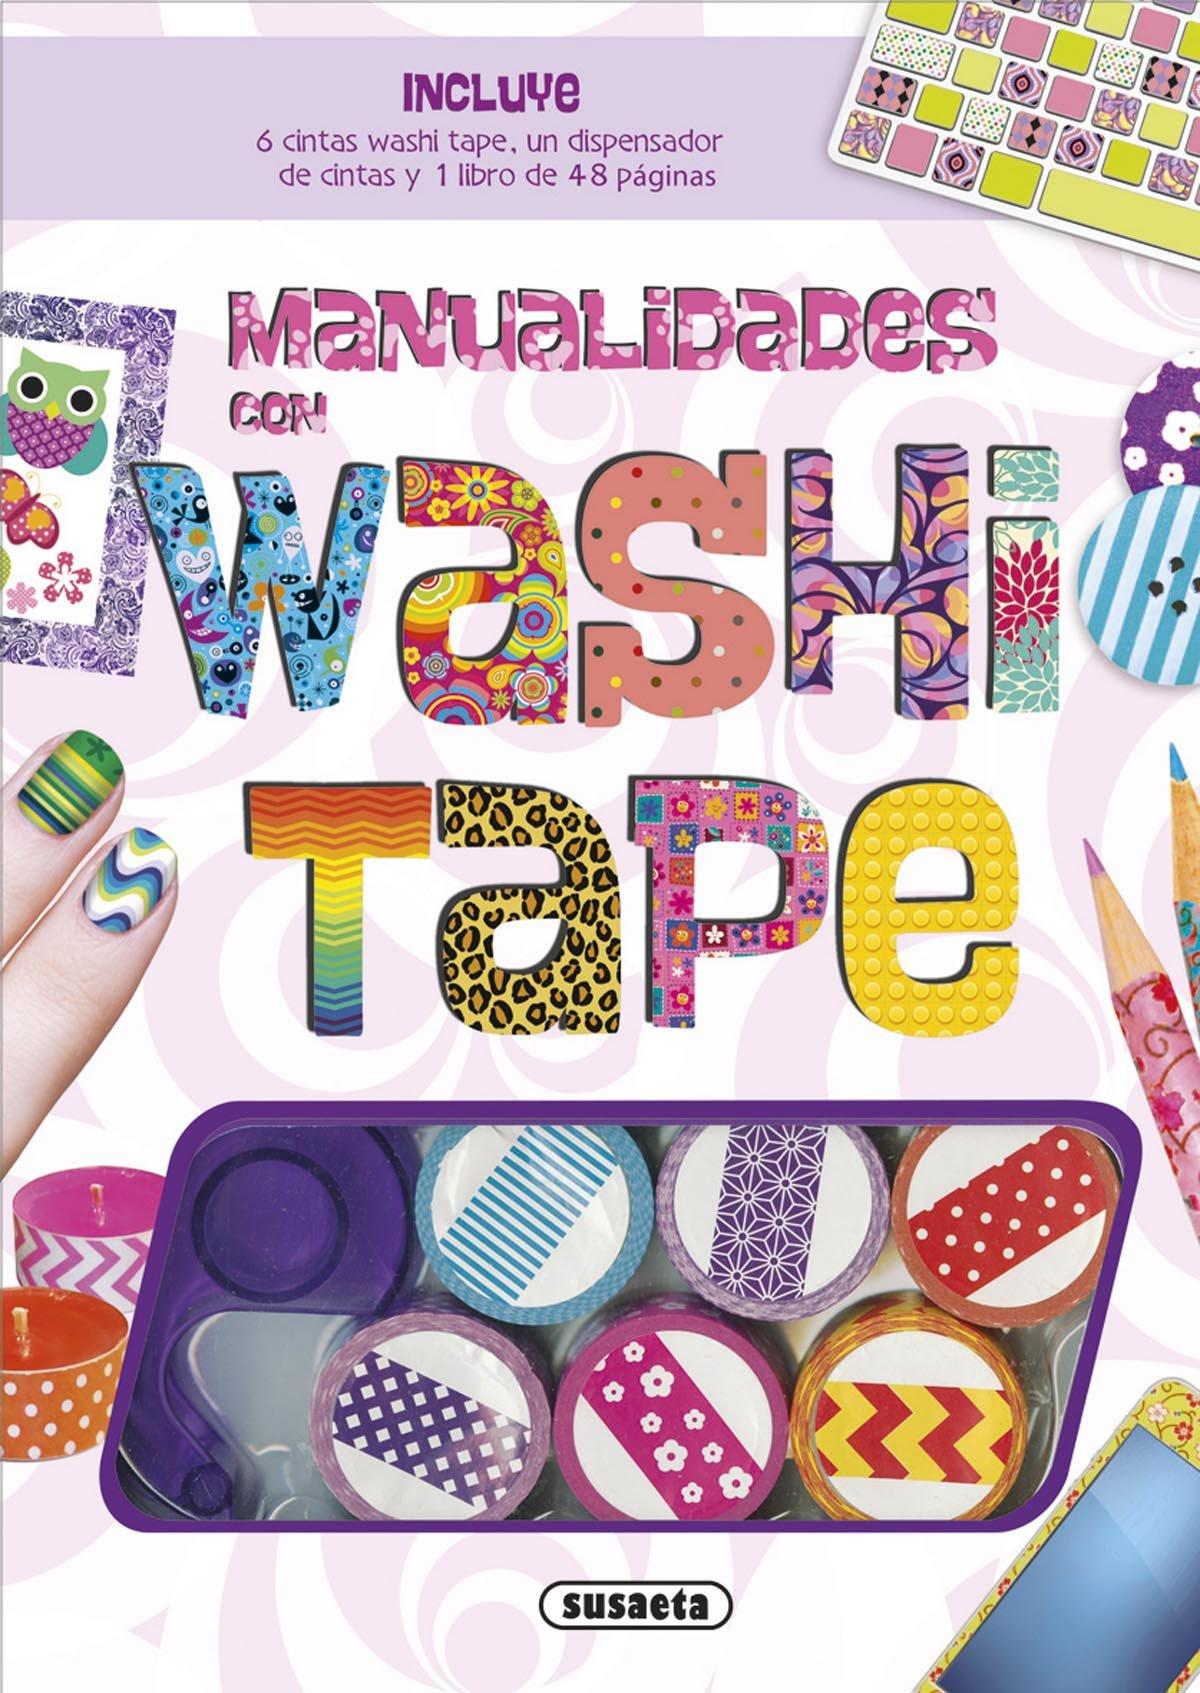 Manualidades con washi tape (Hecho a mano): Amazon.es: Susaeta Ediciones S A: Libros